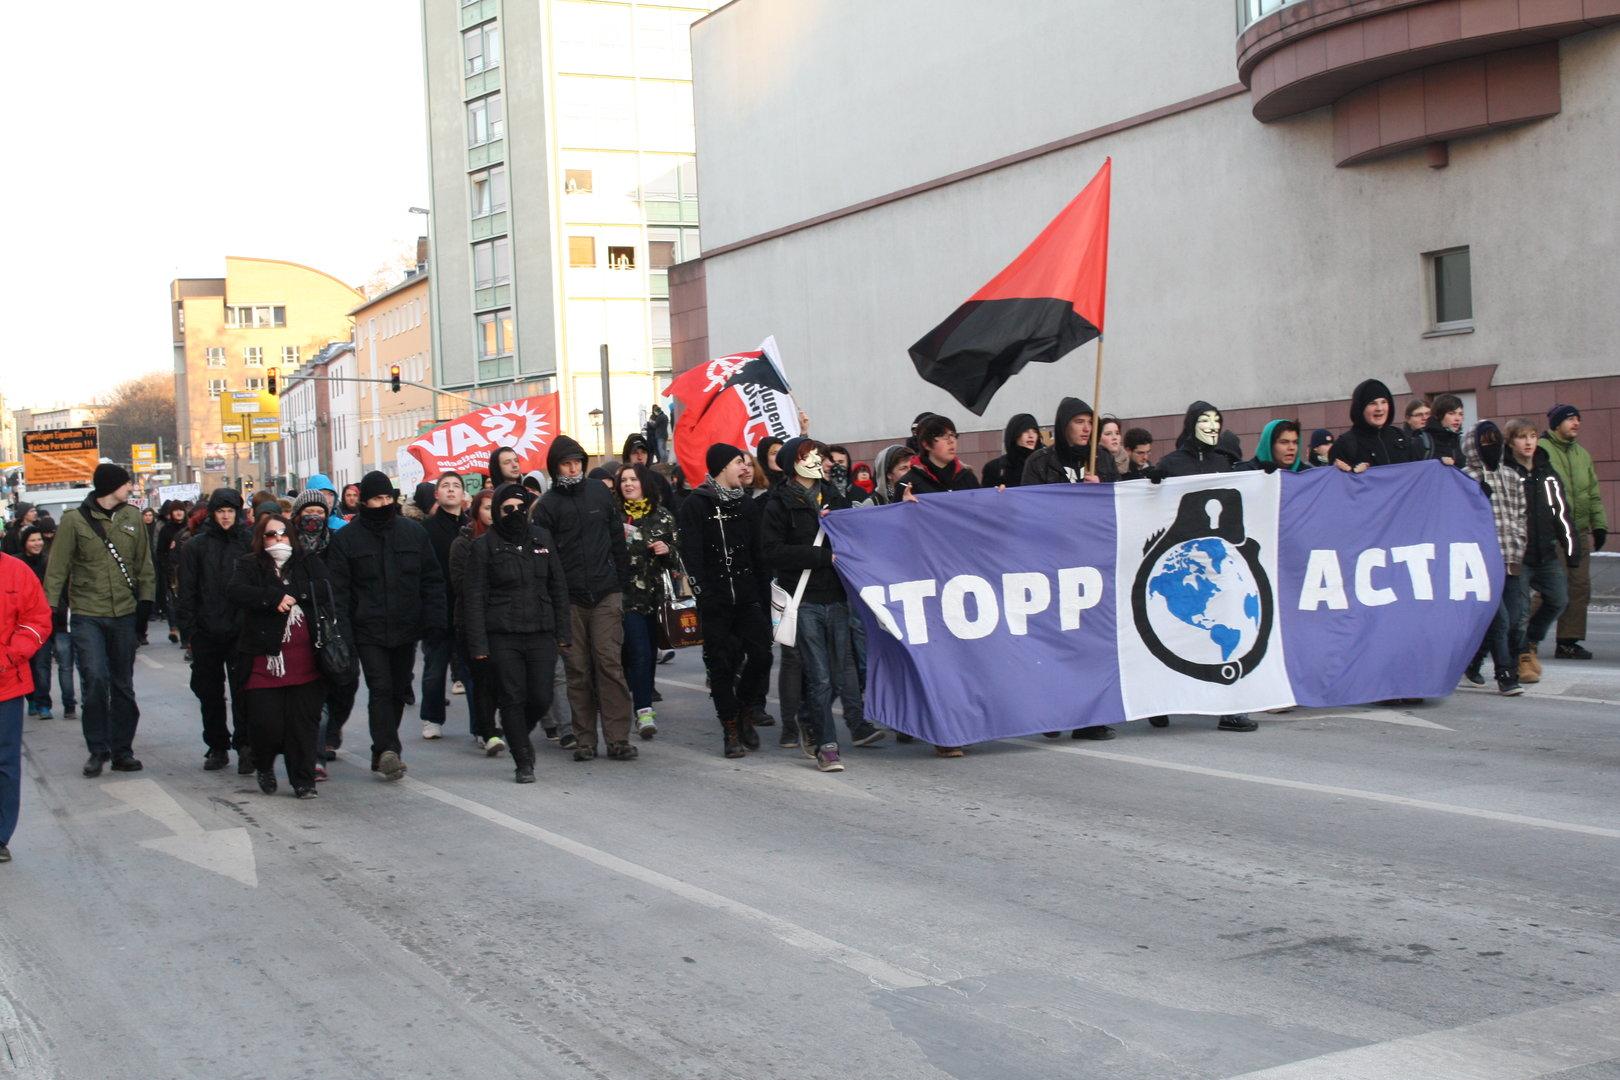 Impressionen der Demonstration in Frankfurt a.M.